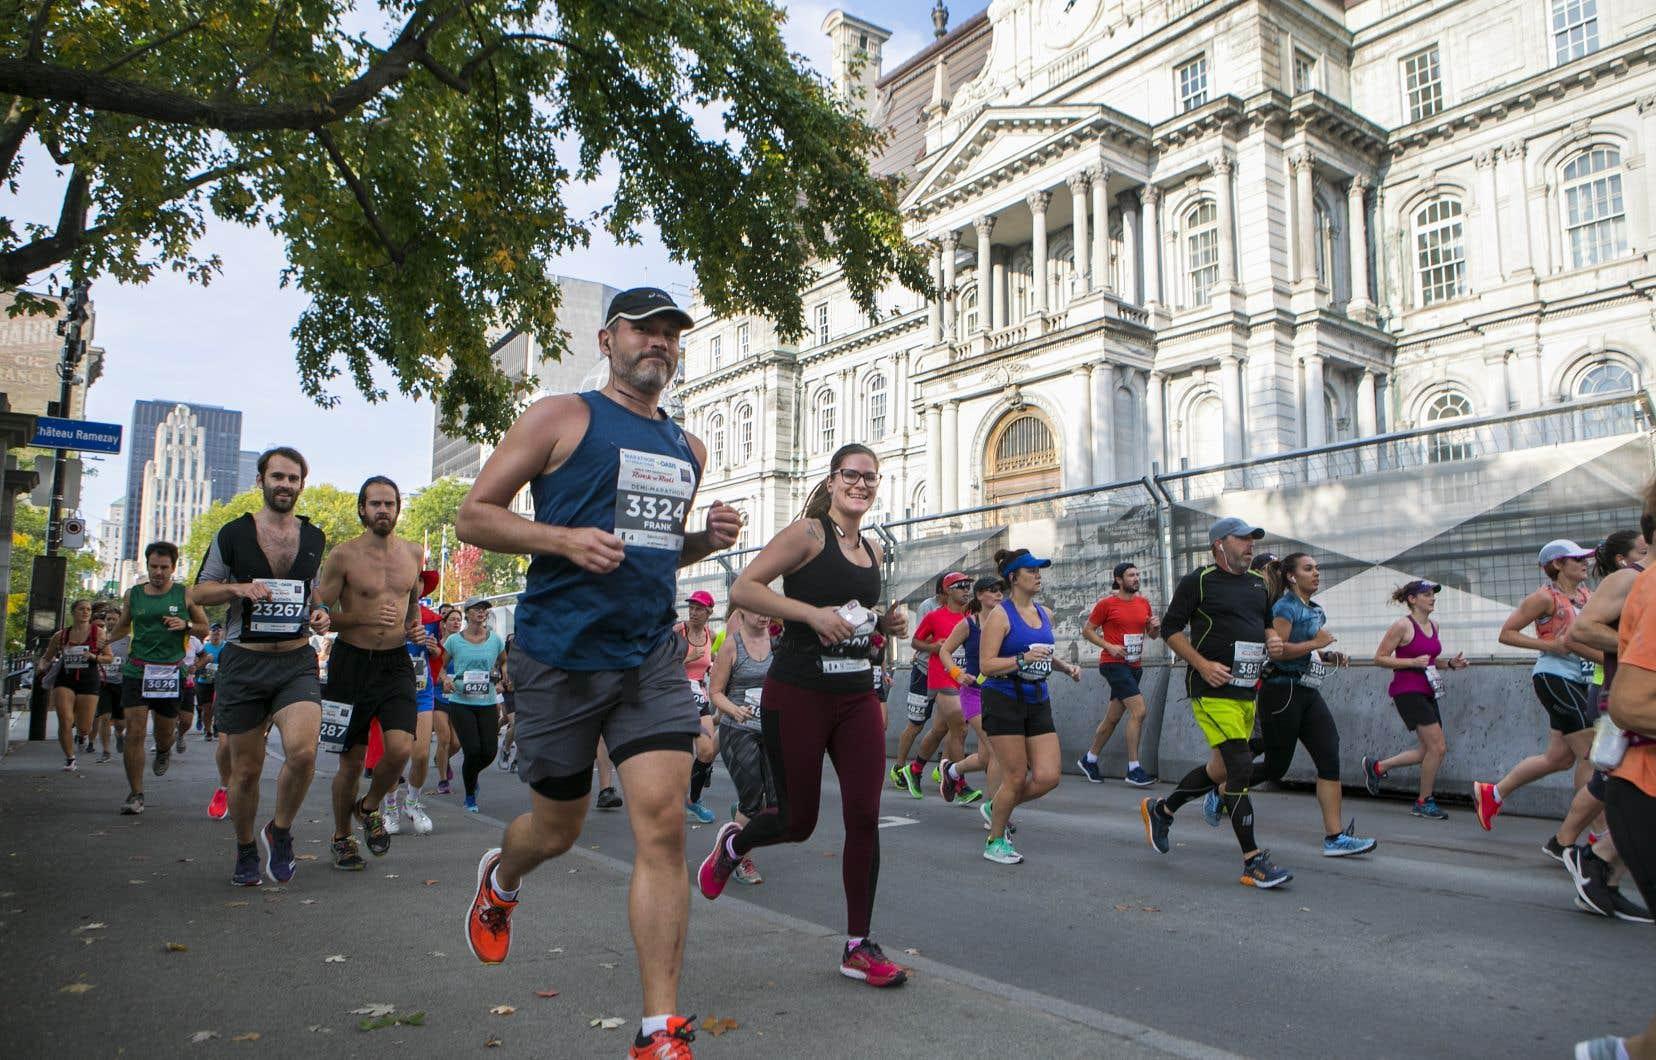 <p>Le 25septembre dernier, le directeur de course du marathon, Dominique Piché, a remis sa démission après la mort d'un coureur et des problèmes logistiques qui avaient retardé le départ de la course, trois jours plus tôt.</p>